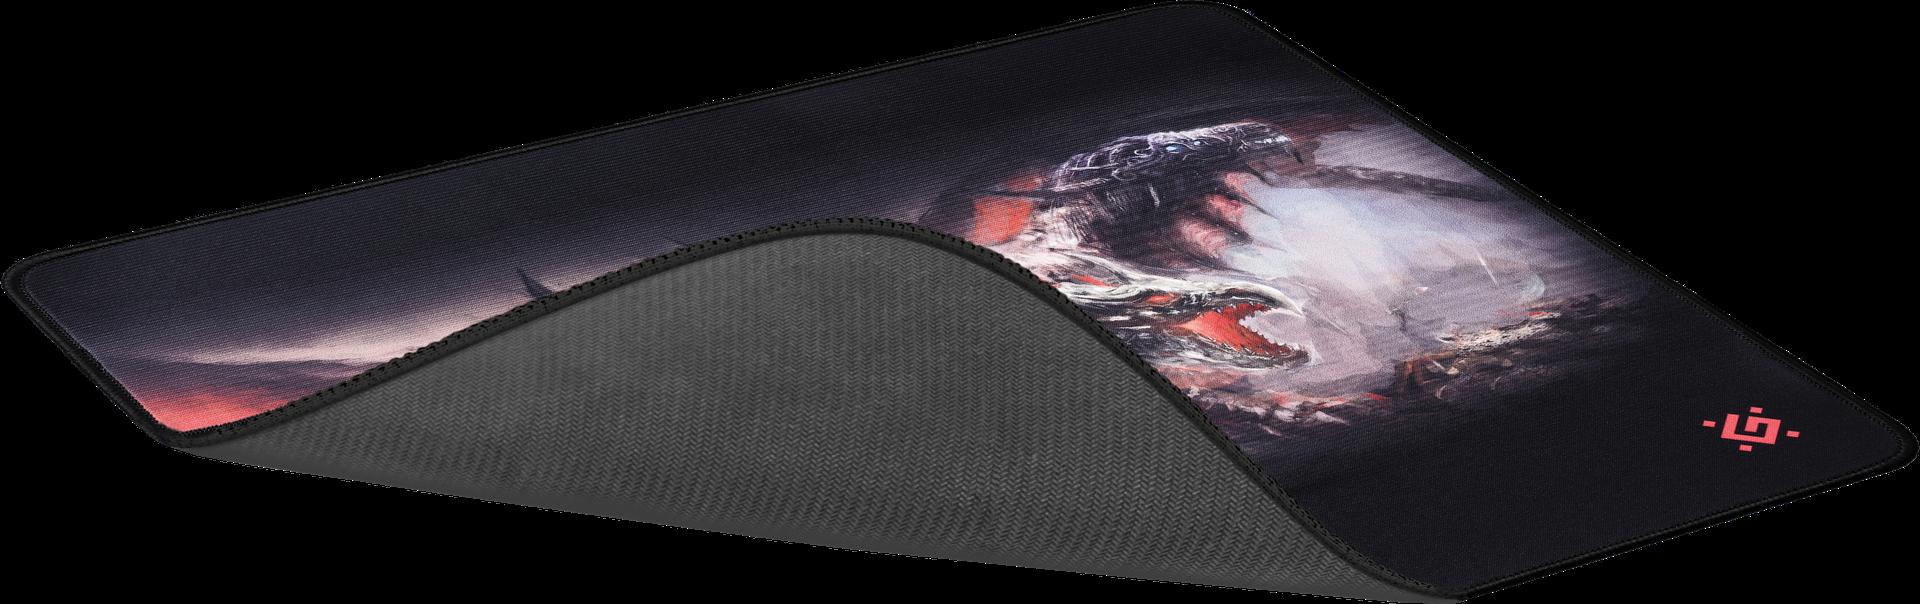 Herní podložka Redragon Cerberus XXL v kombinaci přírodního kaučuku a hedvábí, která zvyšuje přesnost a reakci herních myší, rozměry 400x355x3mm, praktické balení v tubě.